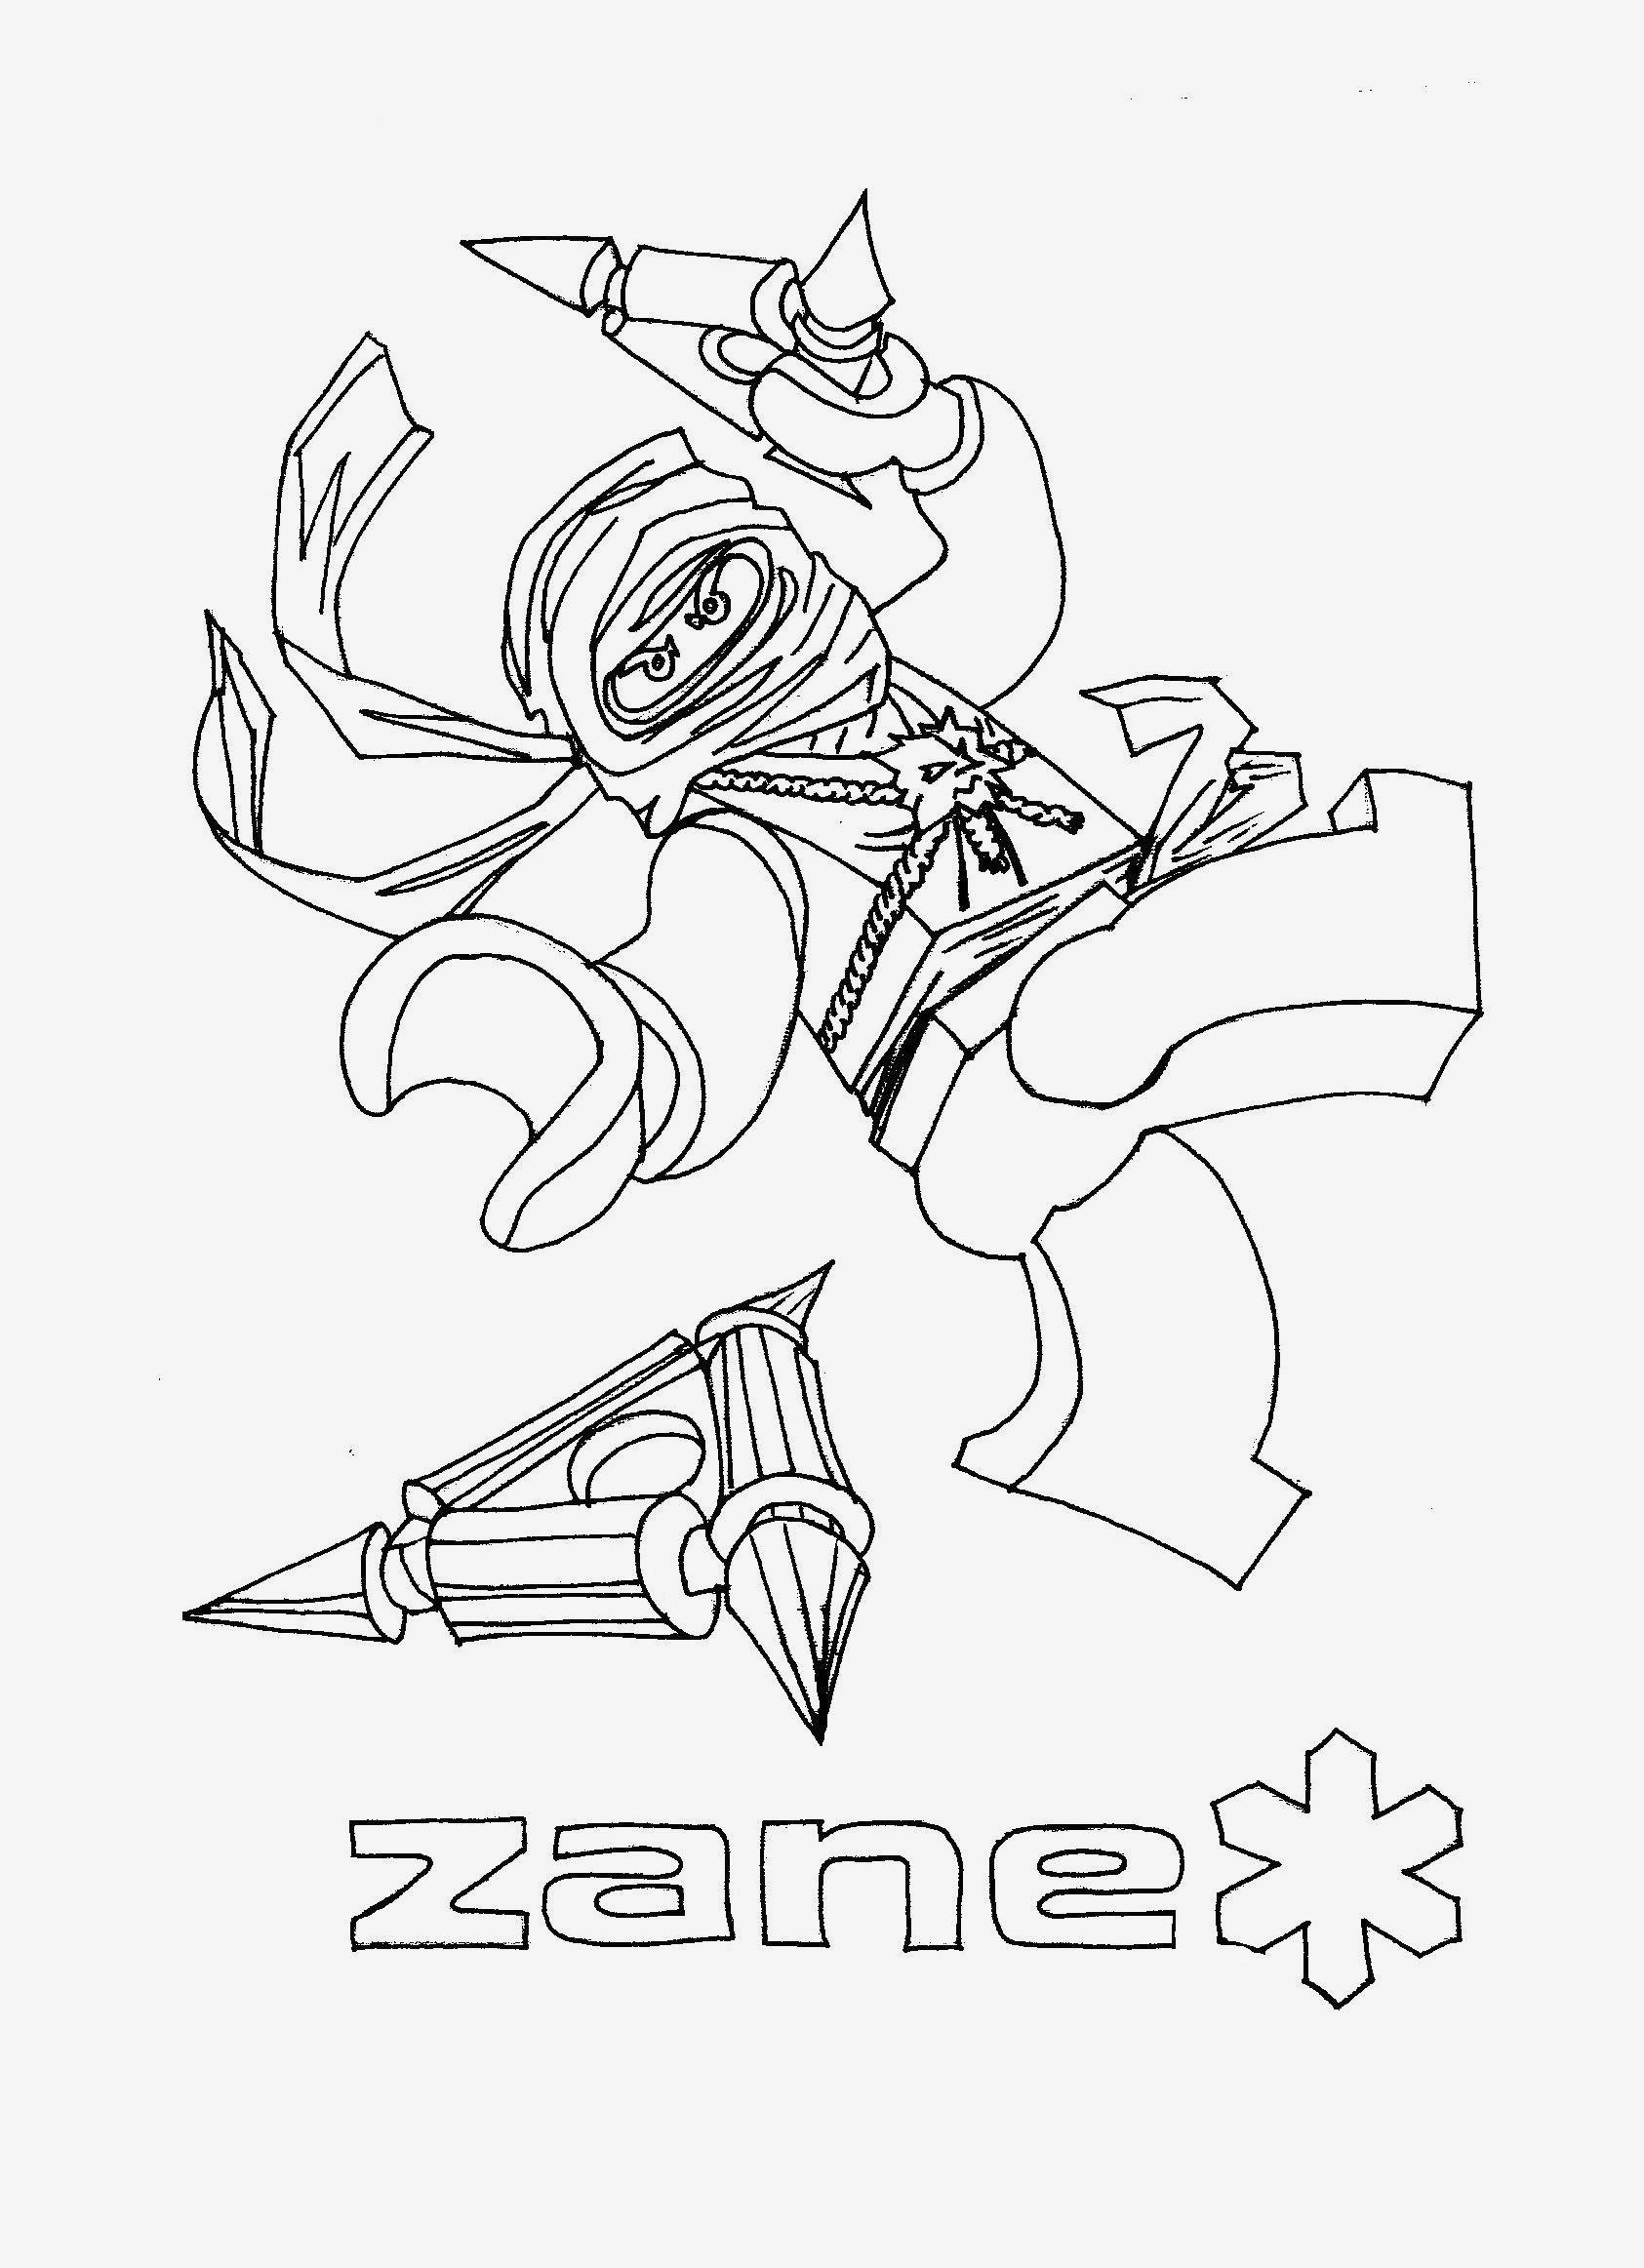 Ninjago Zane Ausmalbilder Frisch Ninjago Ausmalbilder Zum Ausdrucken Beispielbilder Färben Coloring Bild